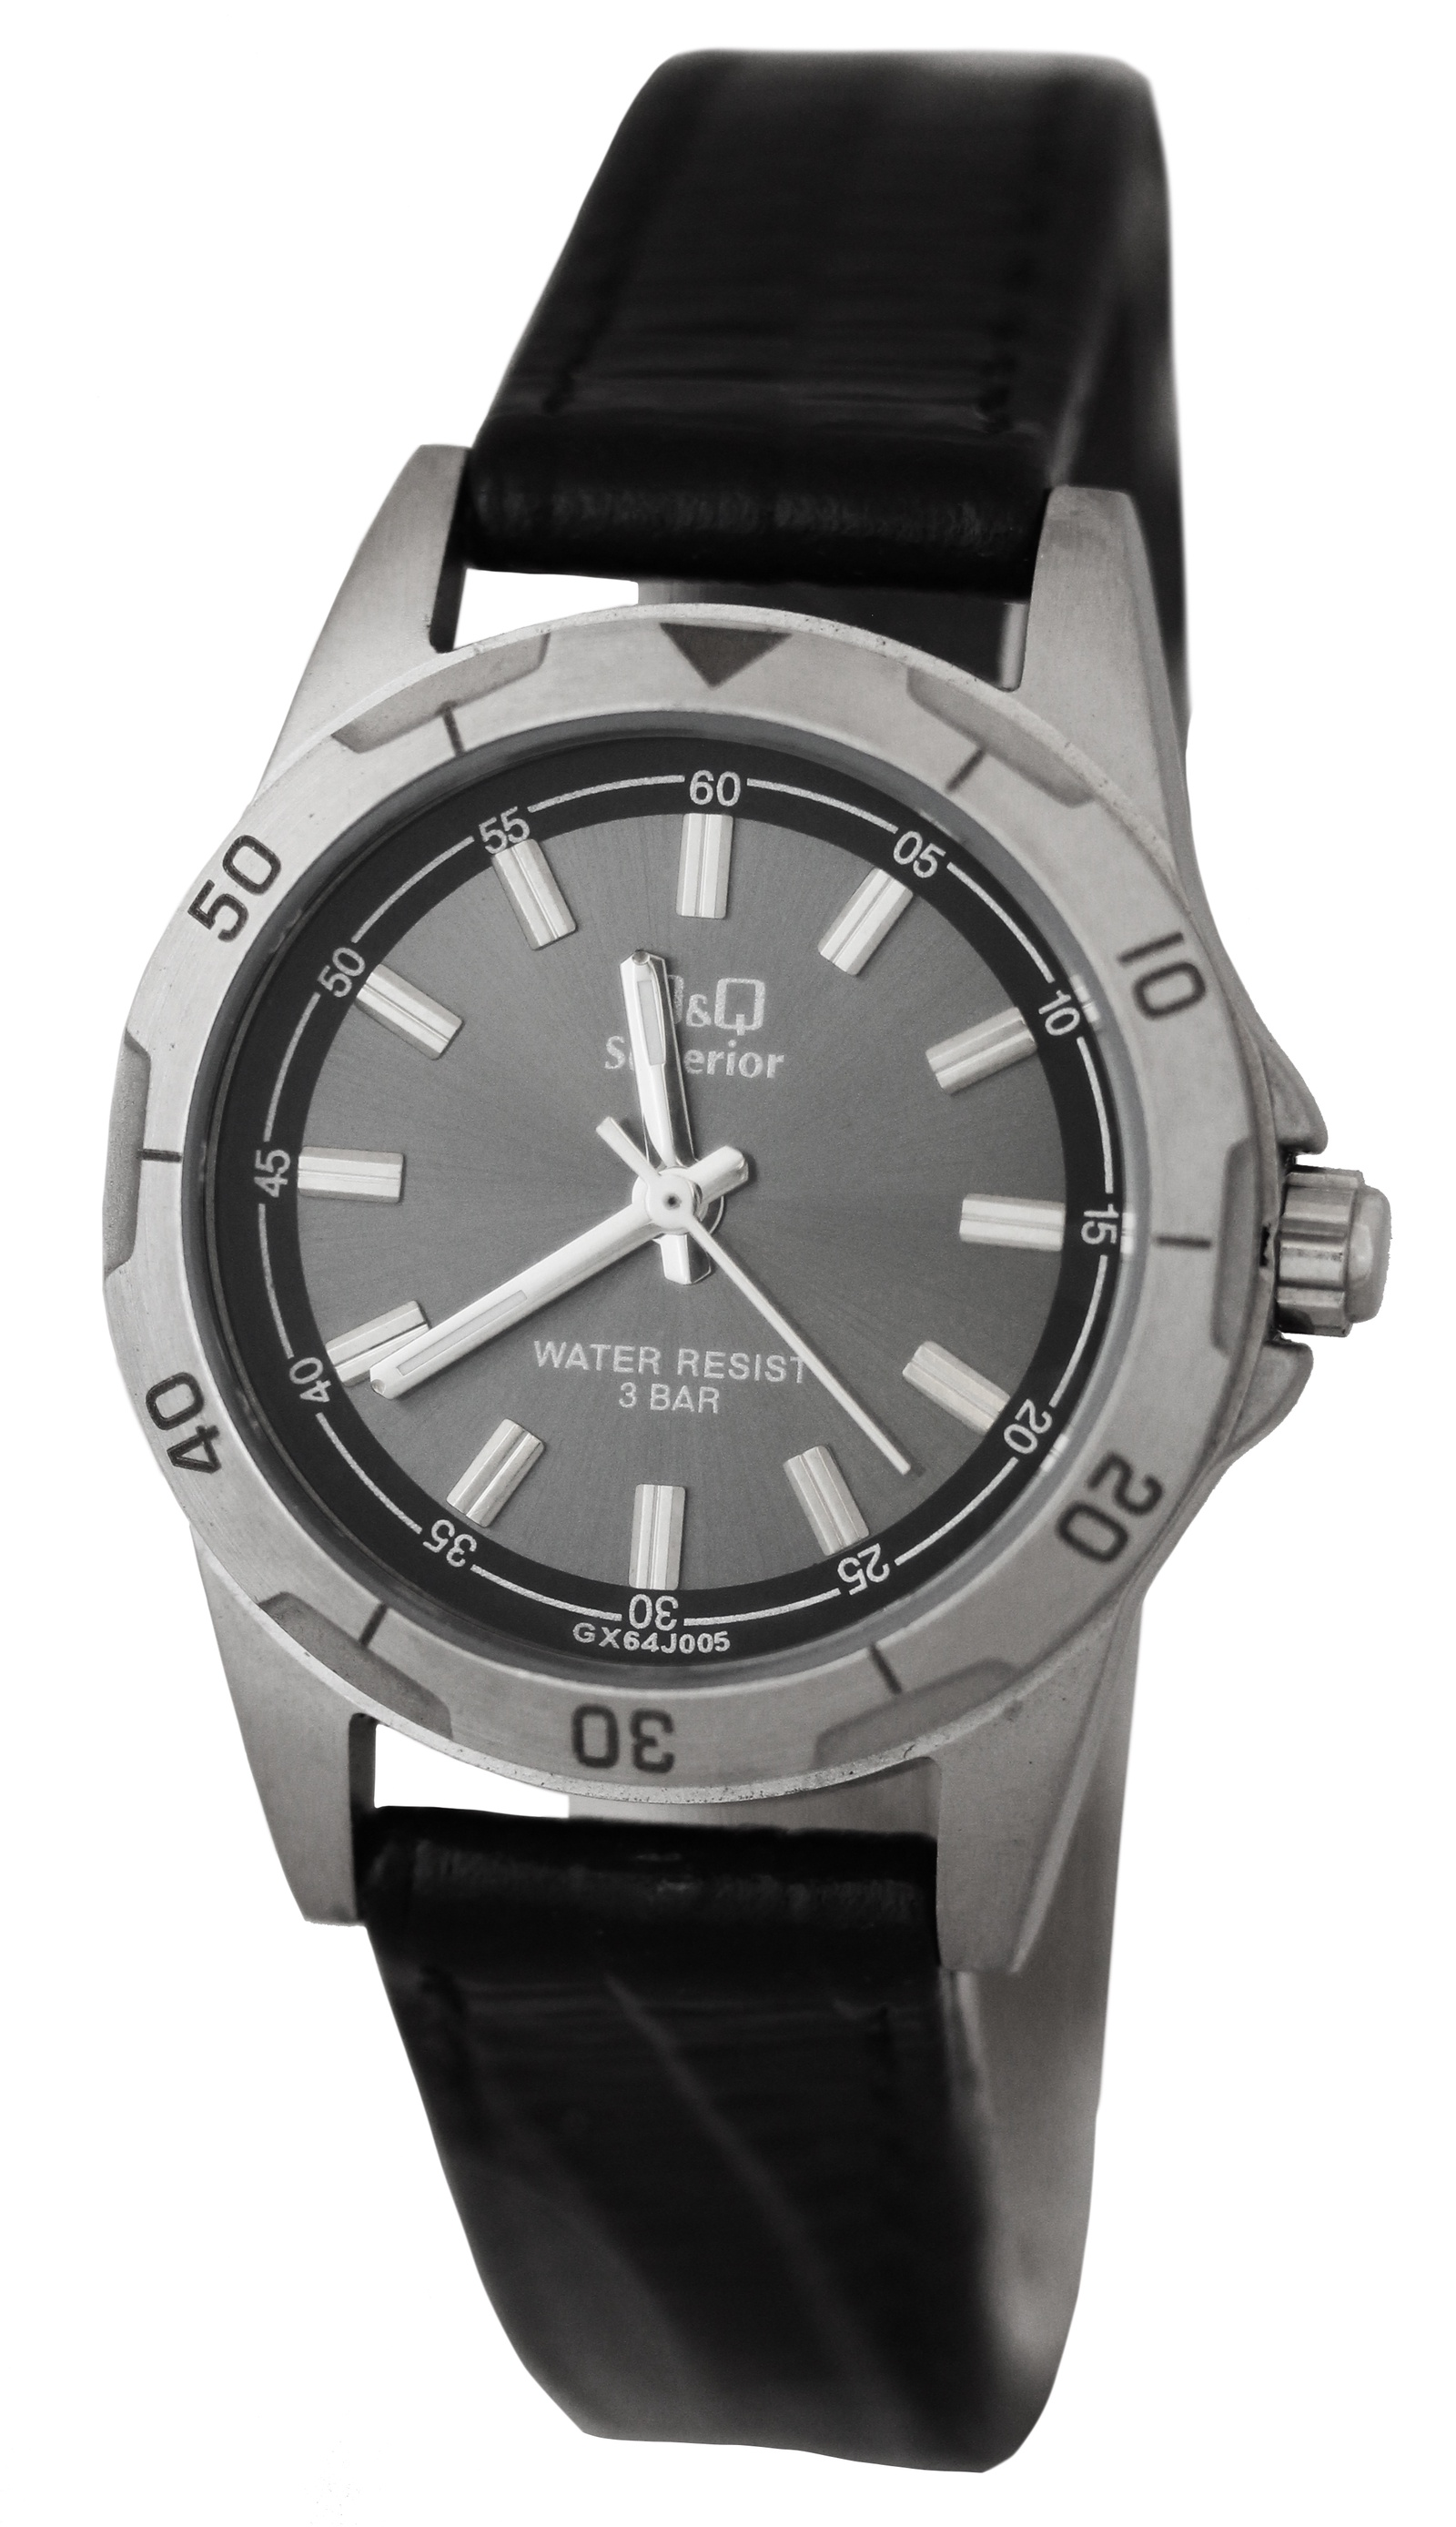 Наручные часы O&Q GX64-005 q and q vp34 005